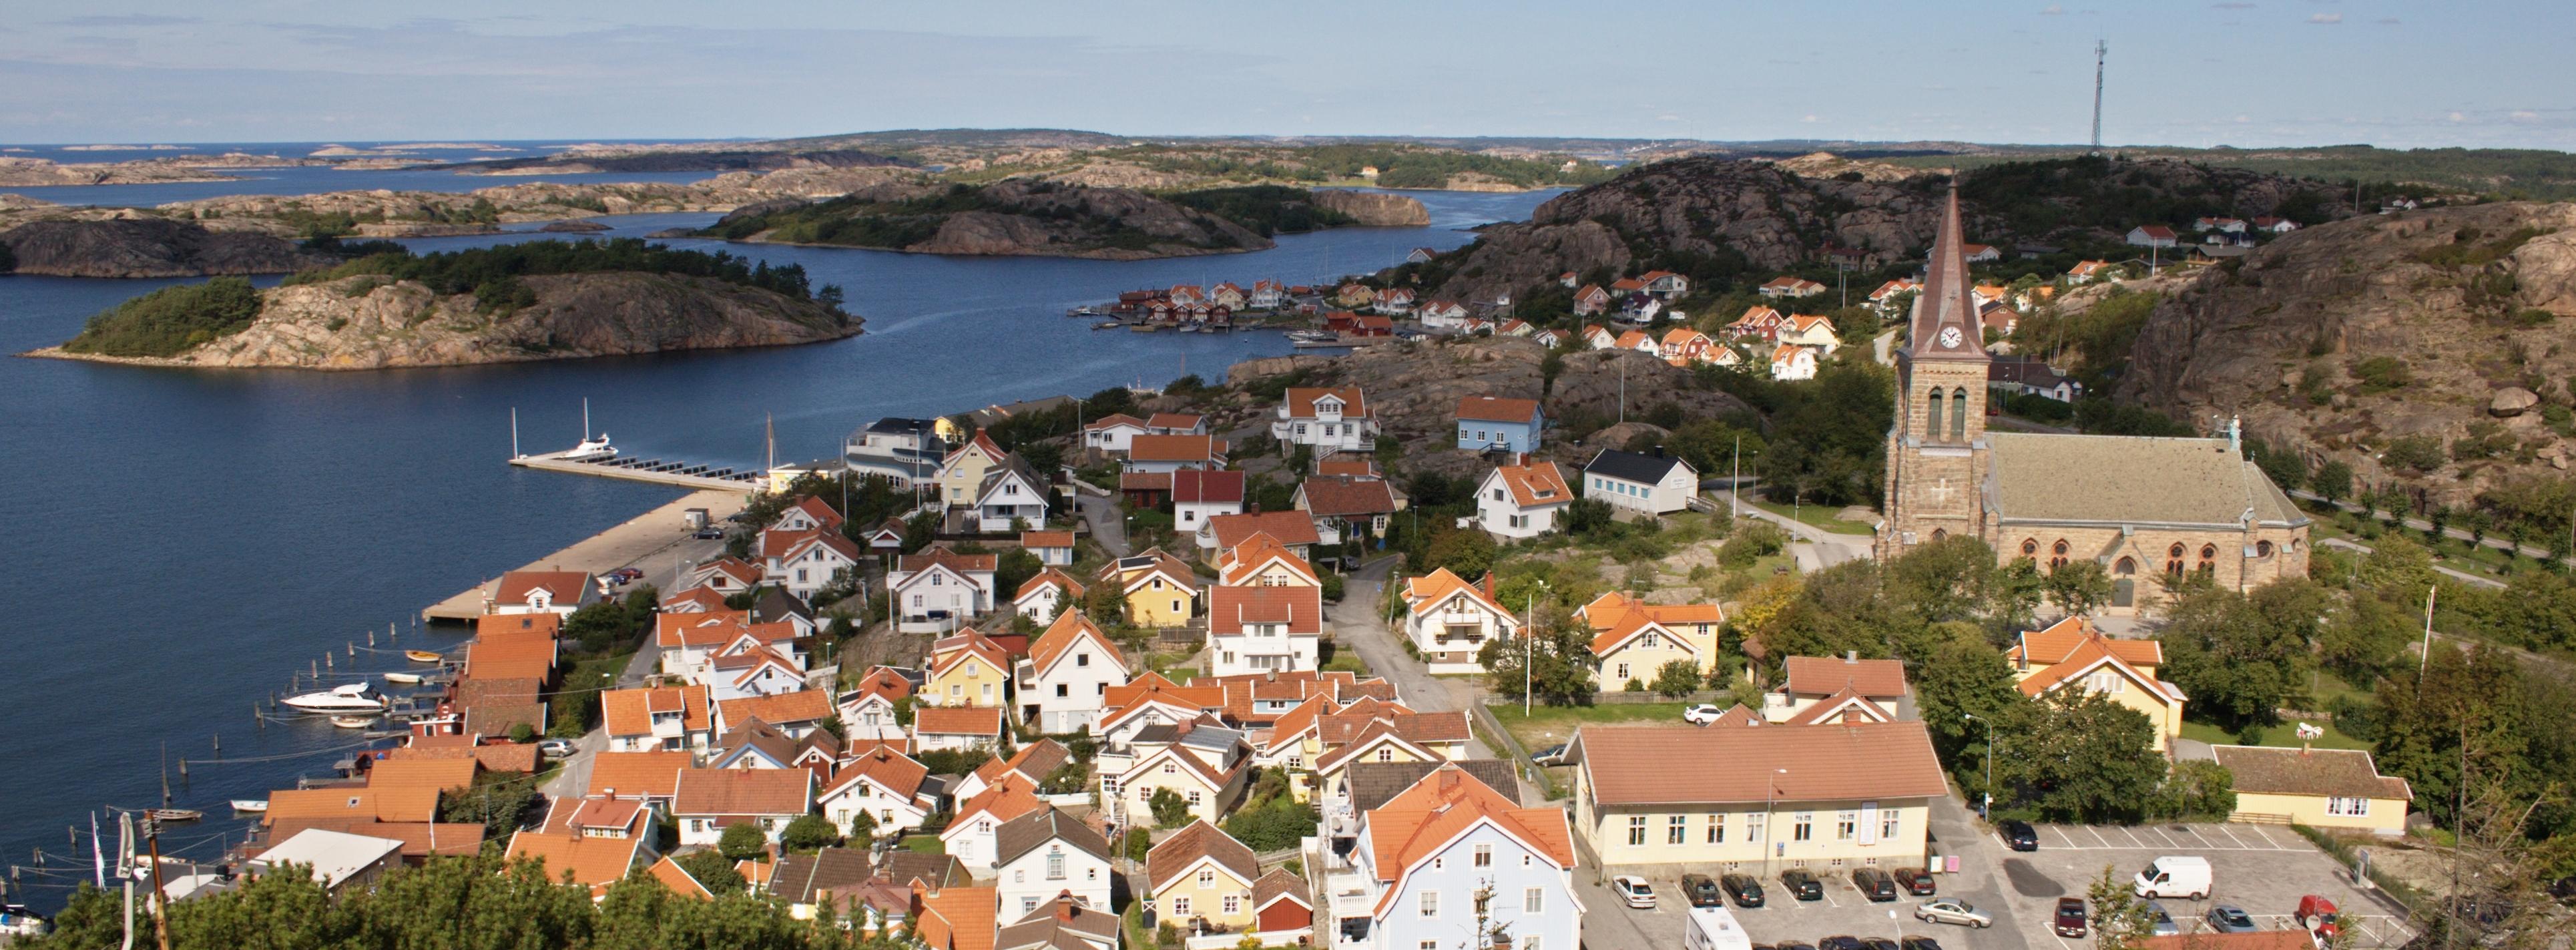 Fjällbacka, Bohuslän, Sweden